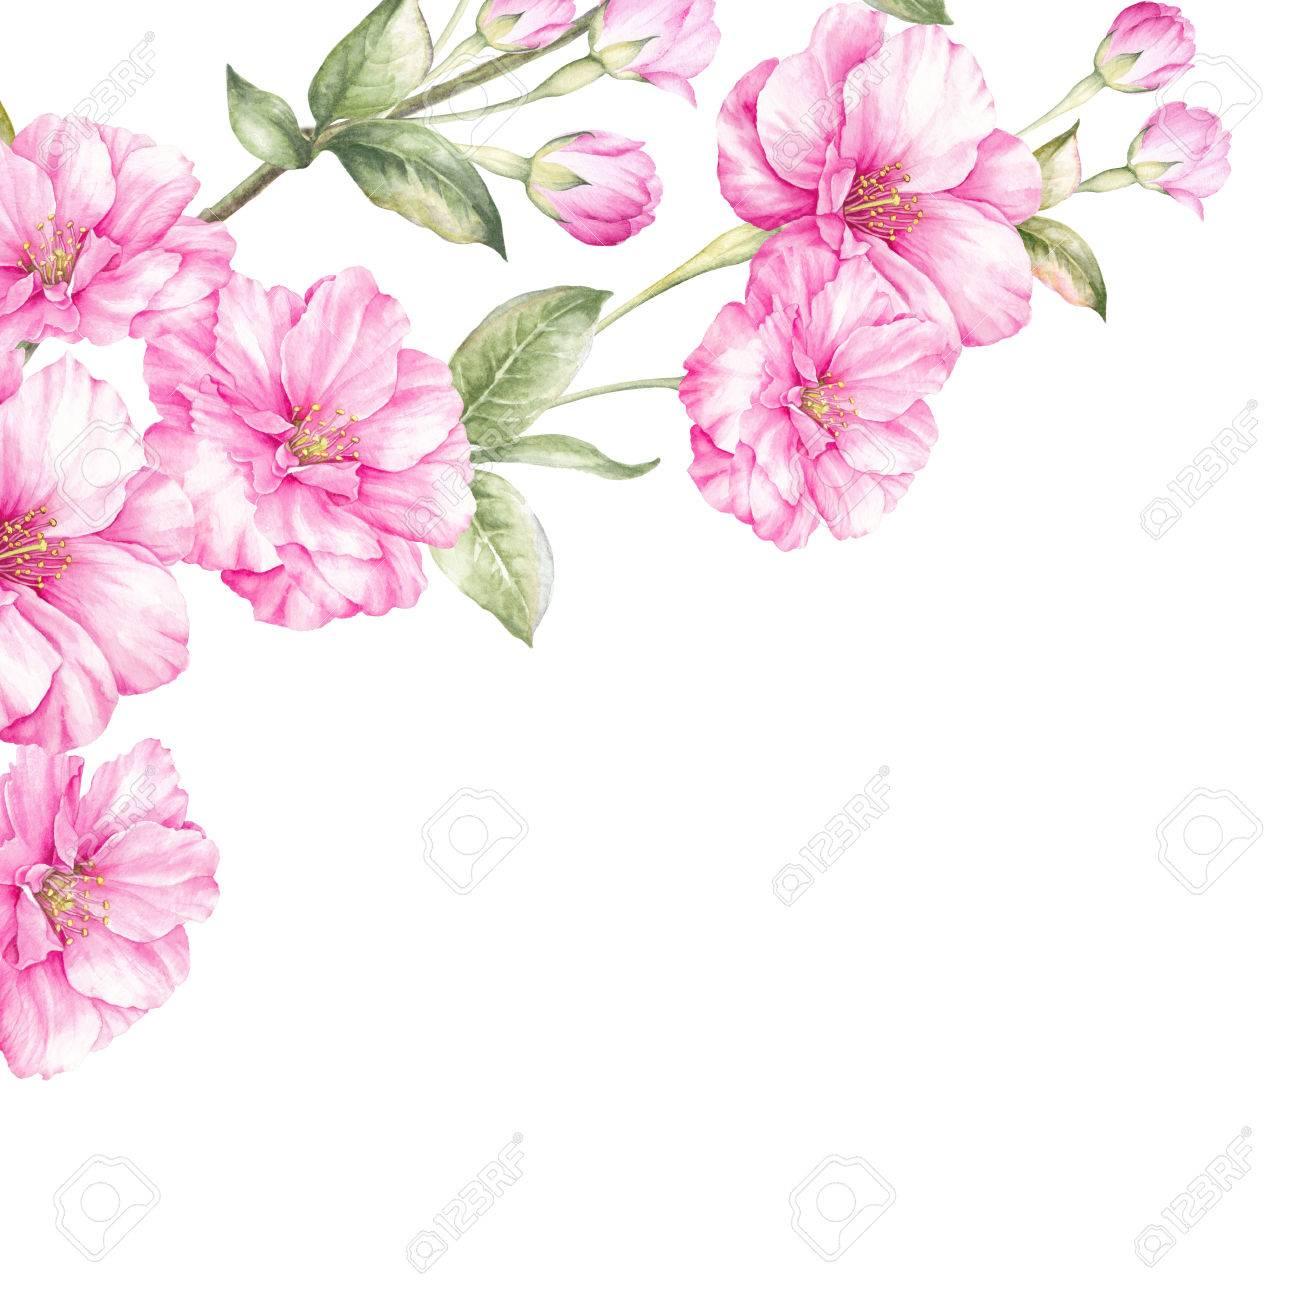 ピンクの桜の花支店ホワイト バック グラウンドを分離しますリアルな